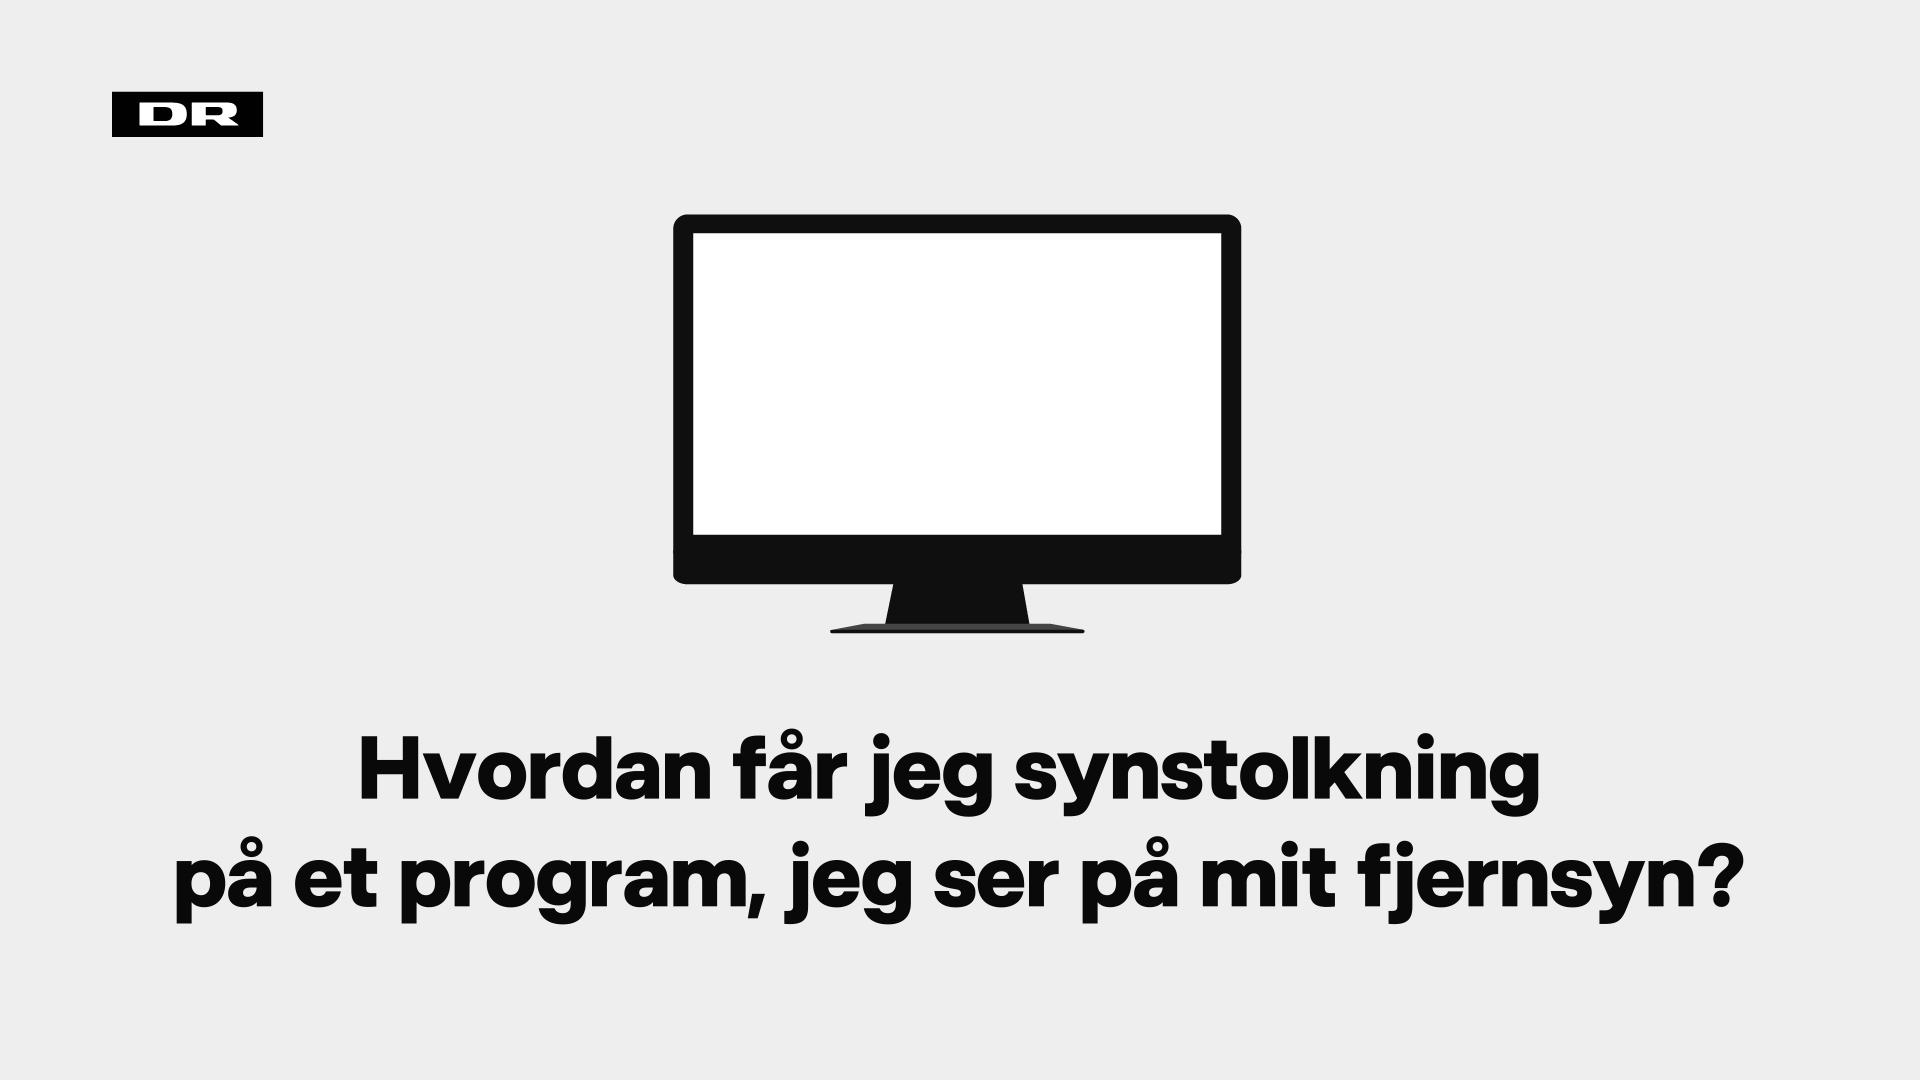 Hvordan får jeg synstolkning på et program, jeg ser på mit fjernsyn?